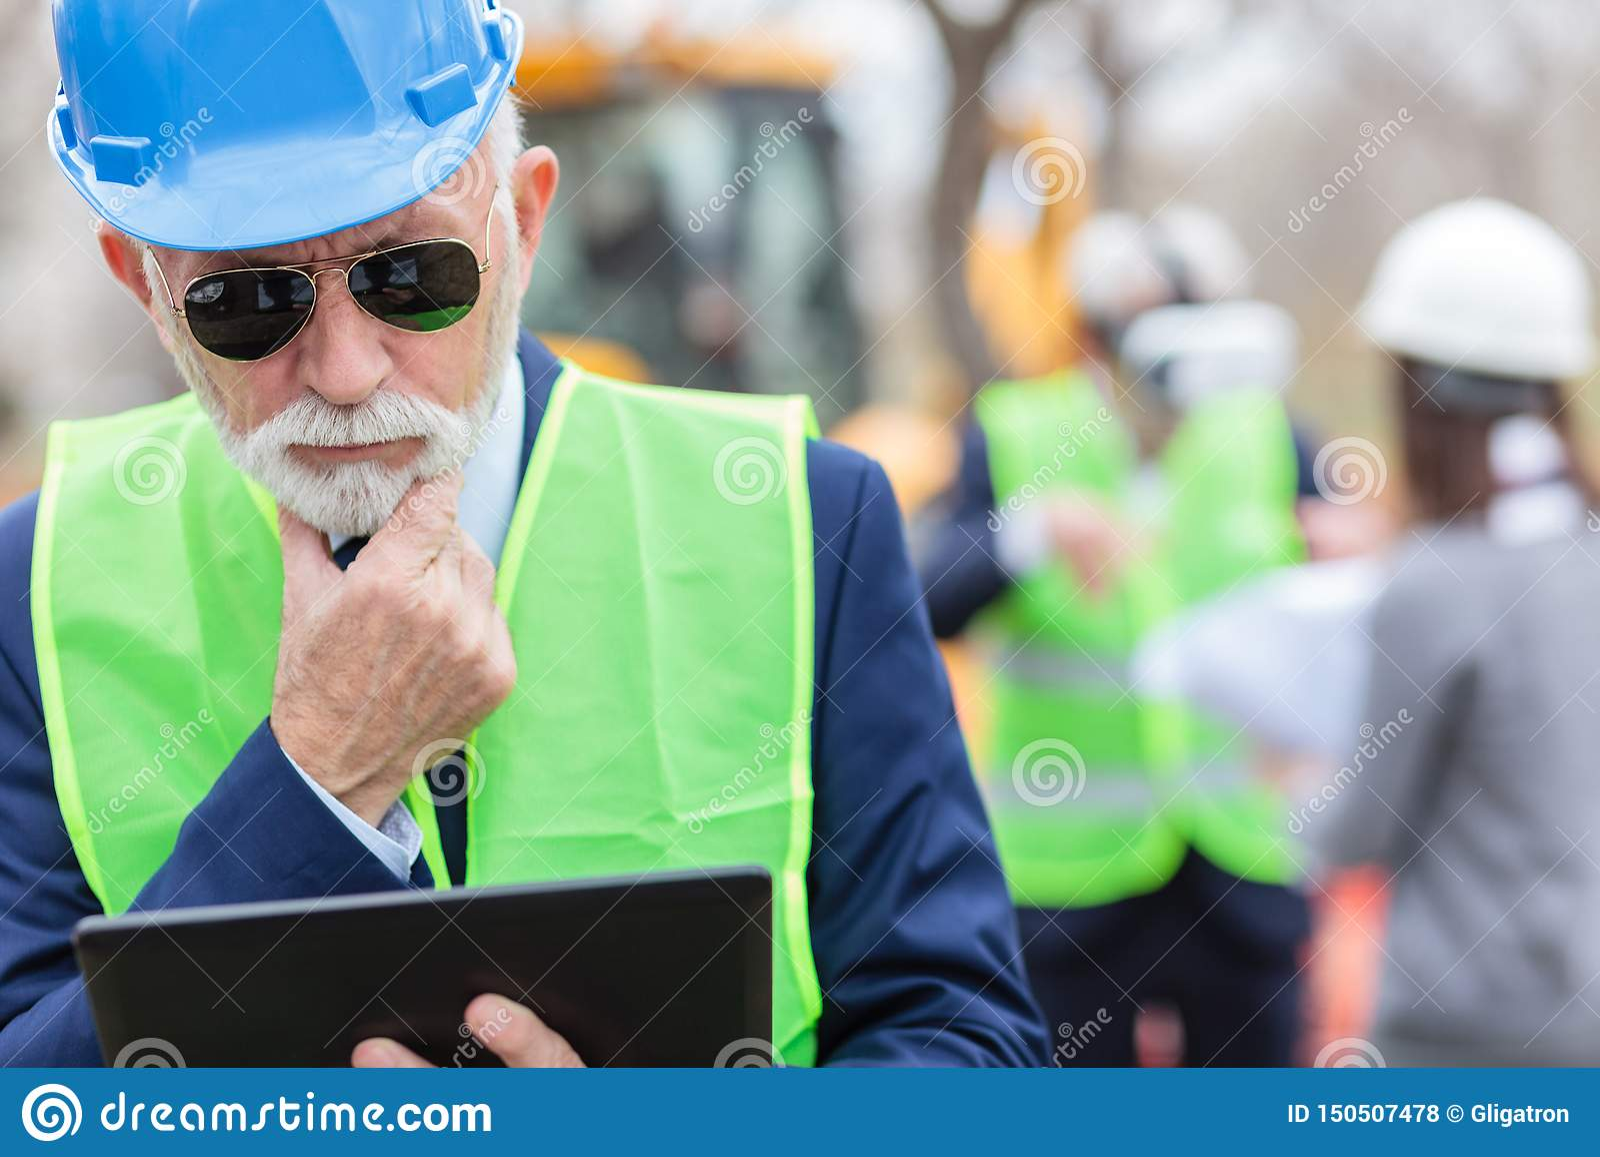 Серьезные, потревоженные, старшиеся серые с волосами инженер или бизнесмен работая на планшете на строительной площадке